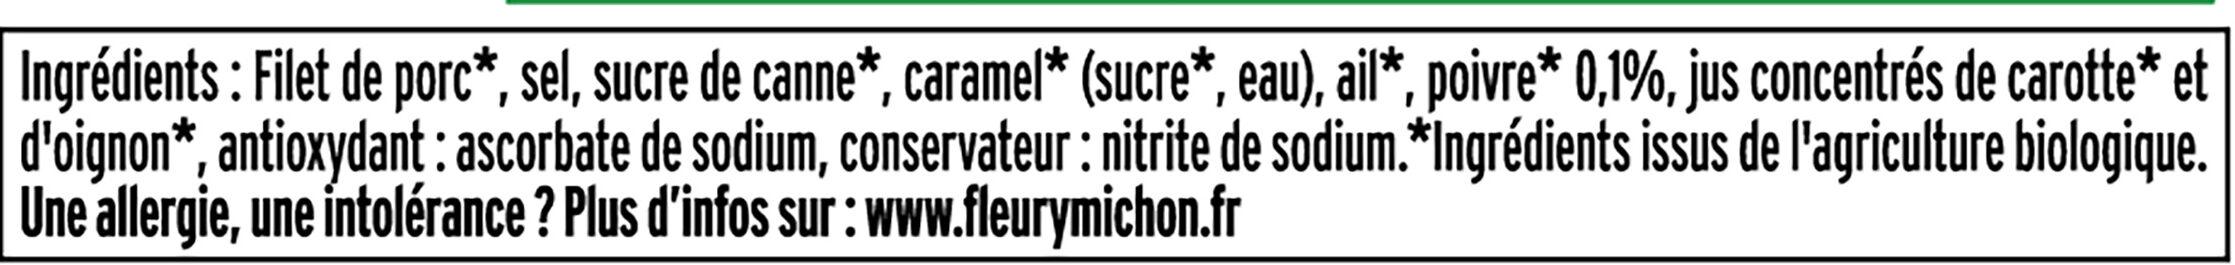 Rôti de porc cuit BIO - 2 tranches - Ingrédients - fr